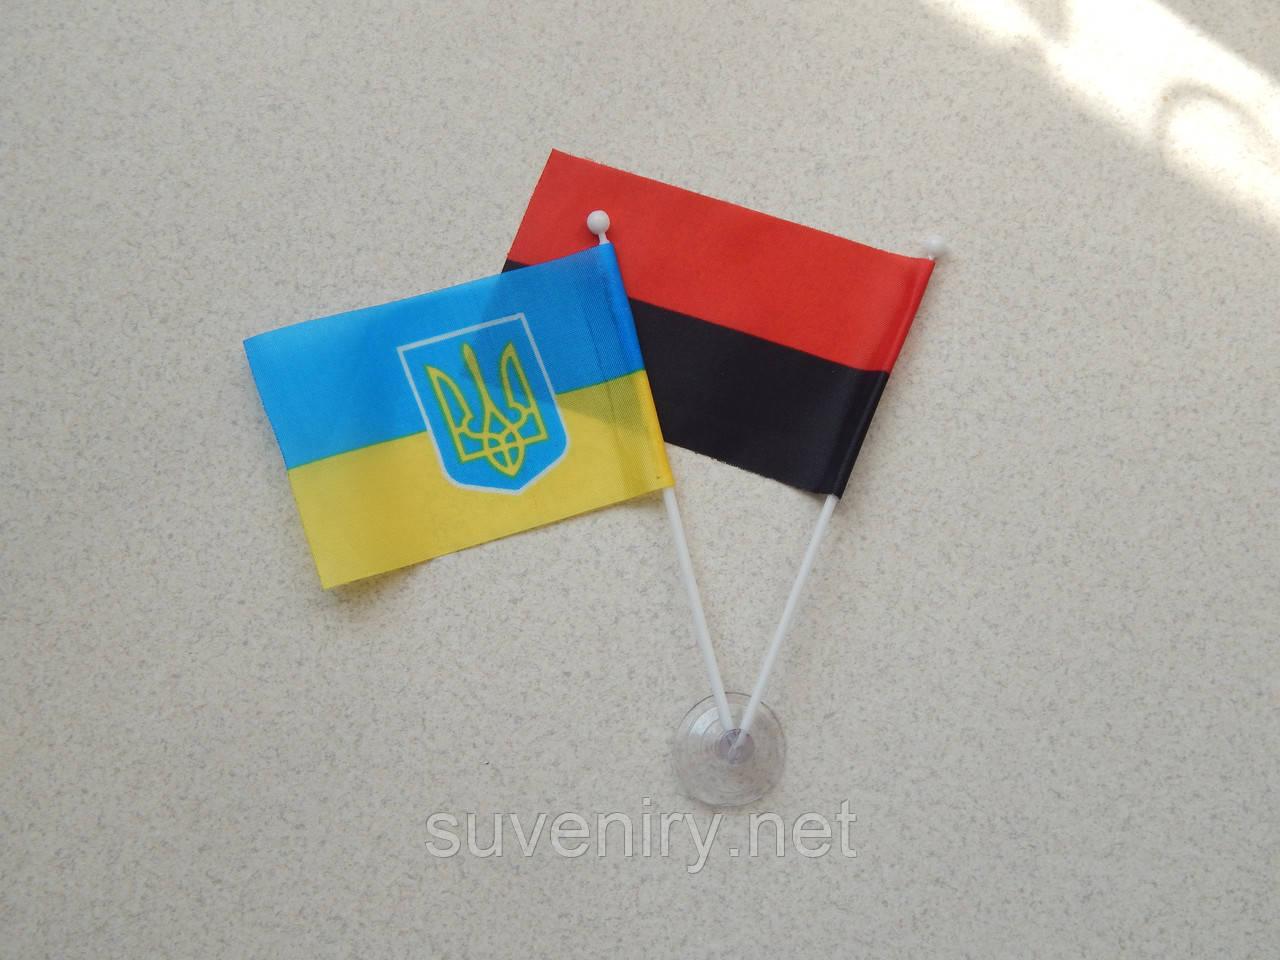 Двойной флаг на присоске в машину